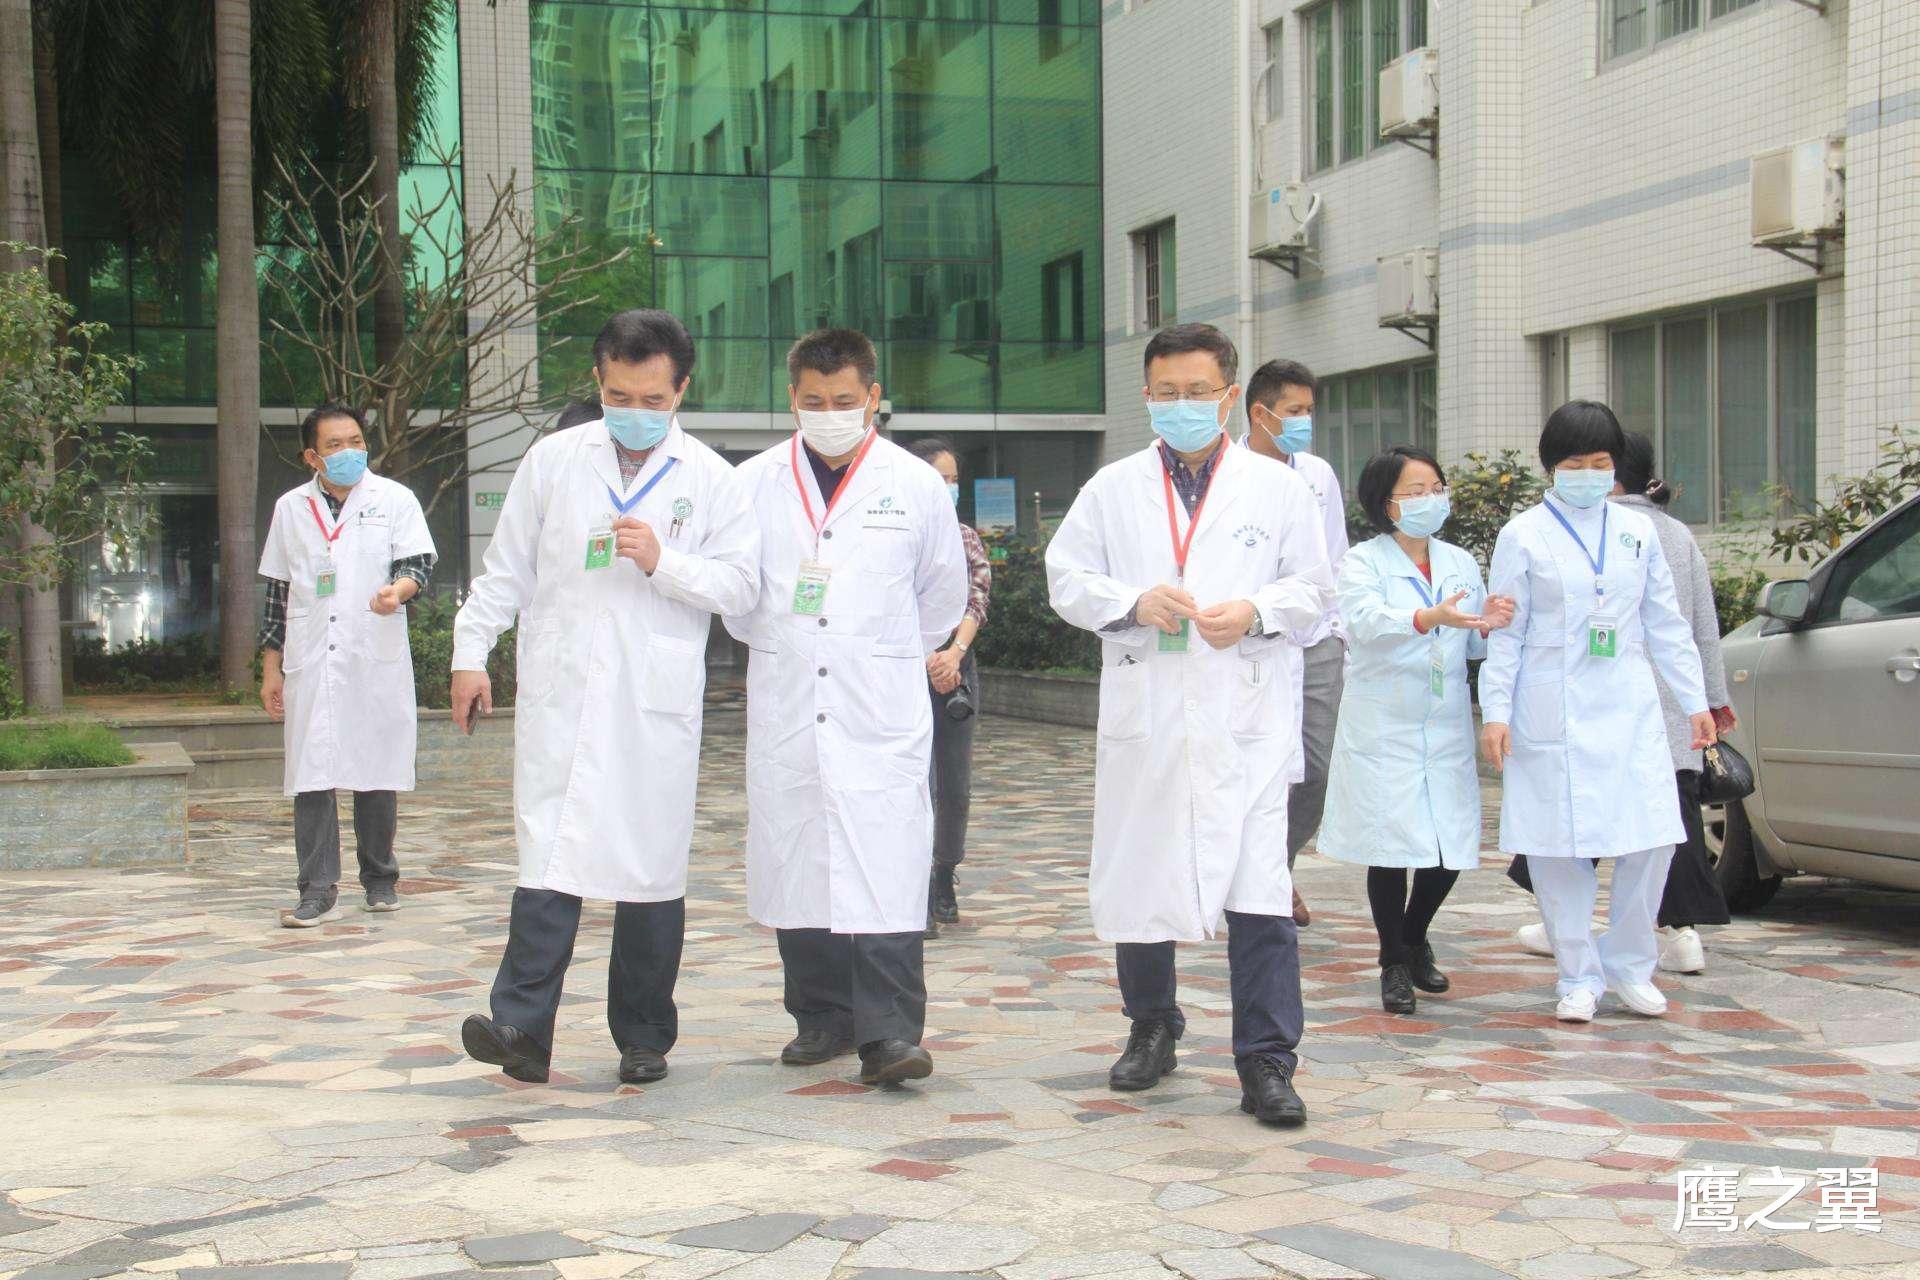 新冠病毒突變,世界各國無力阻止,中國成為唯一希望-圖6